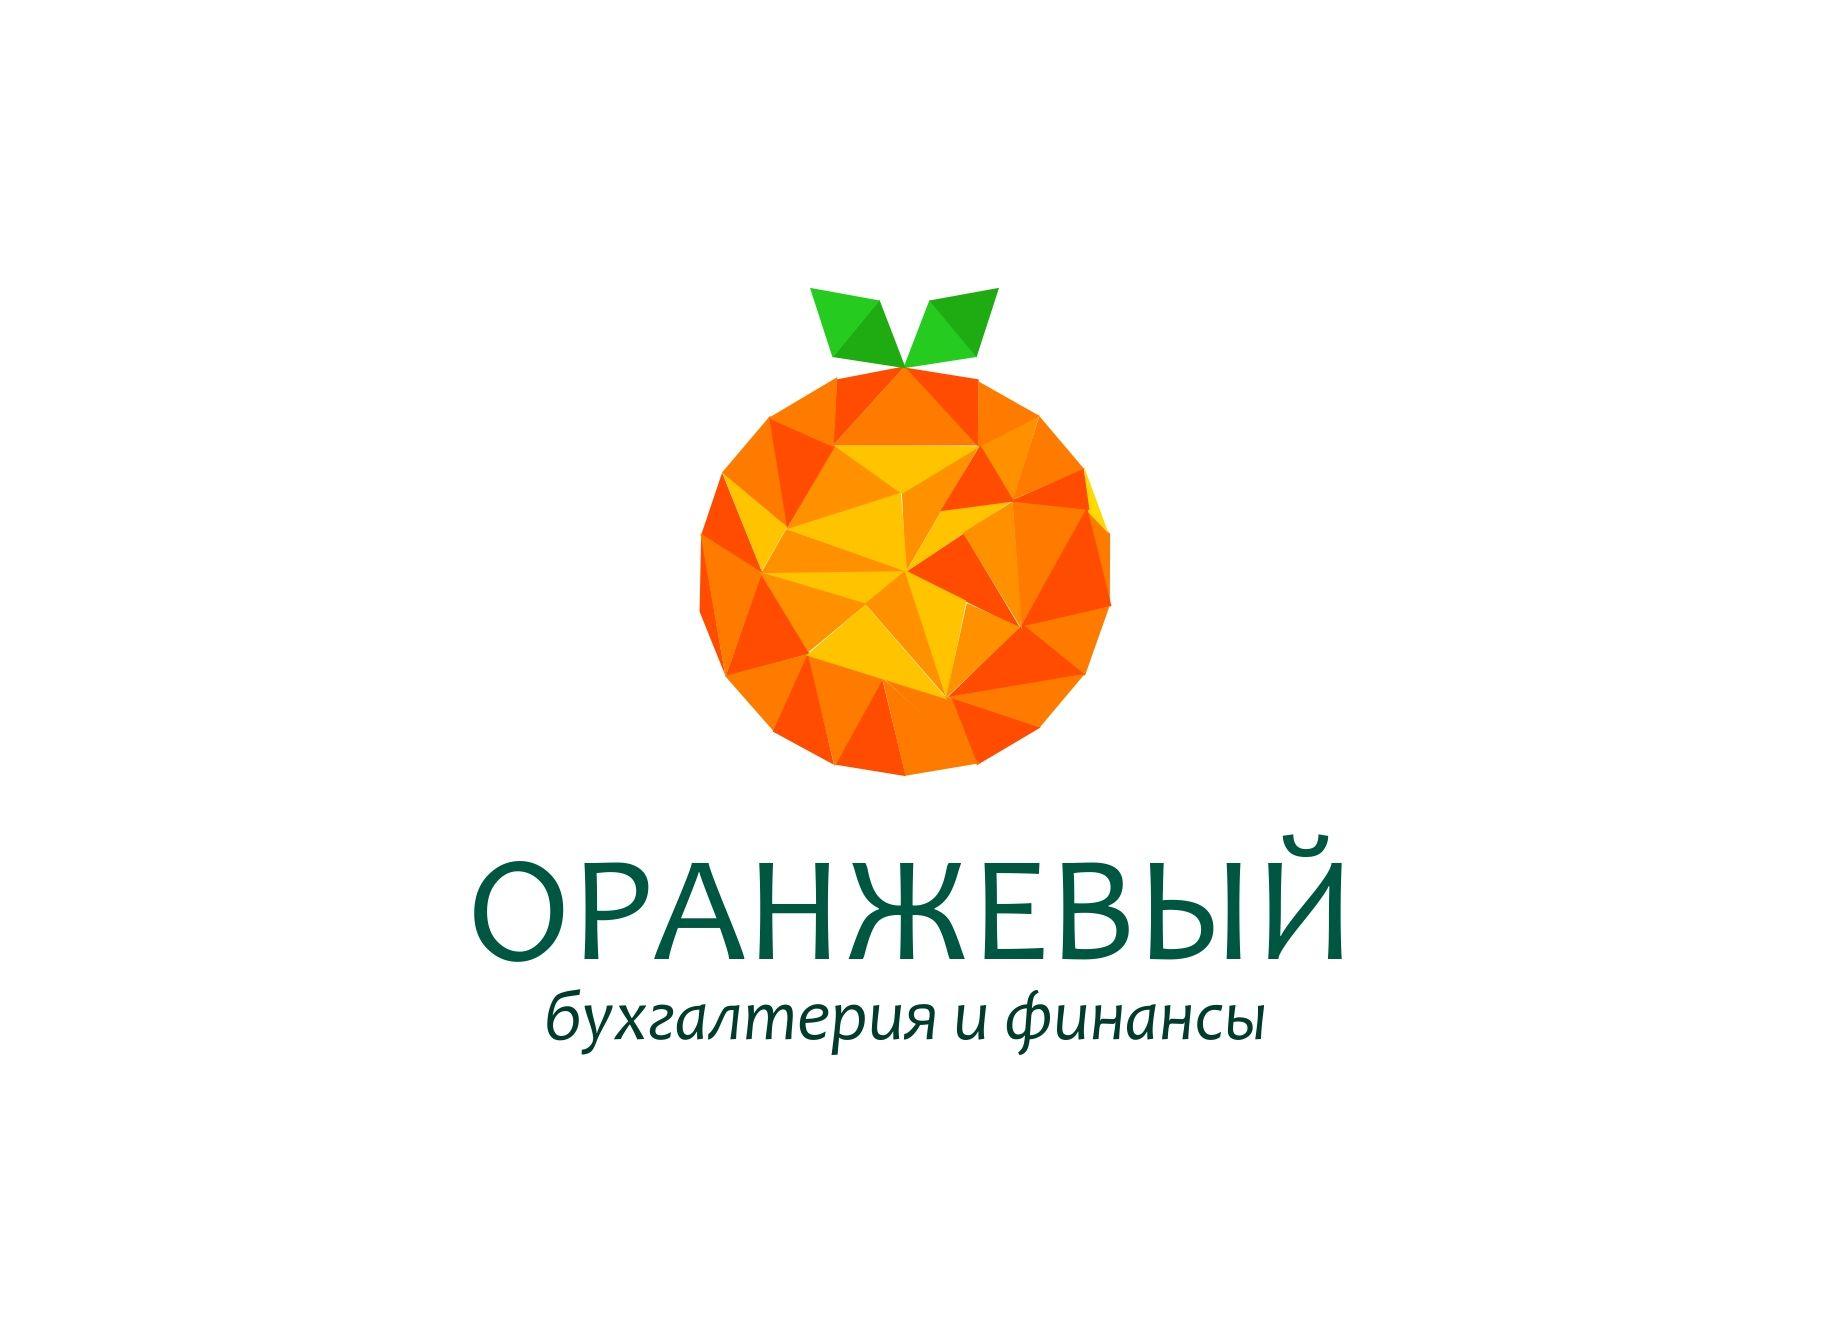 Логотип Финансовой Организации - дизайнер oksana123456